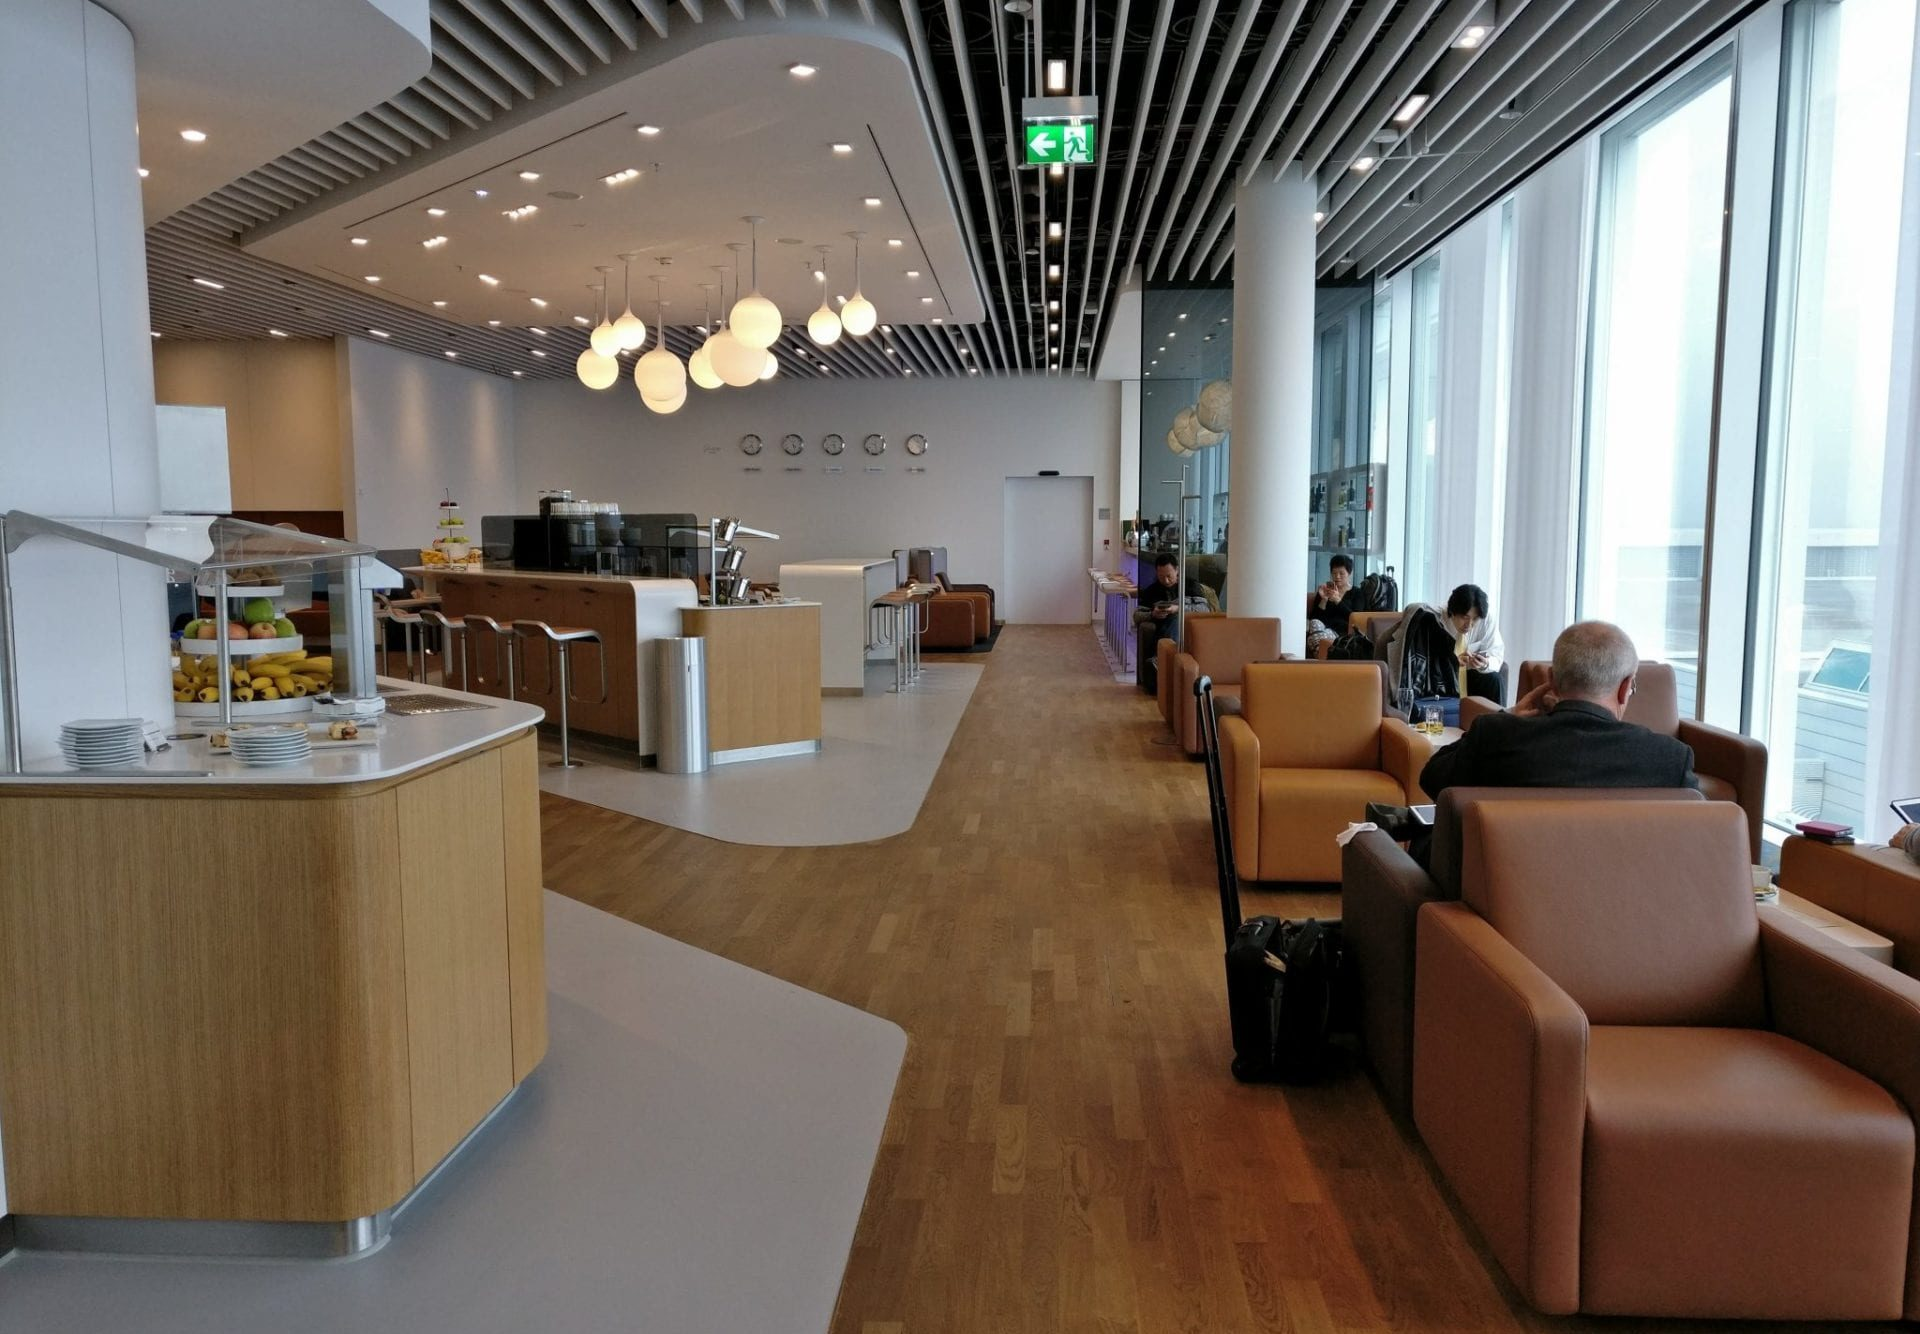 Lufthansa Senator Lounge Munich L11 Seating